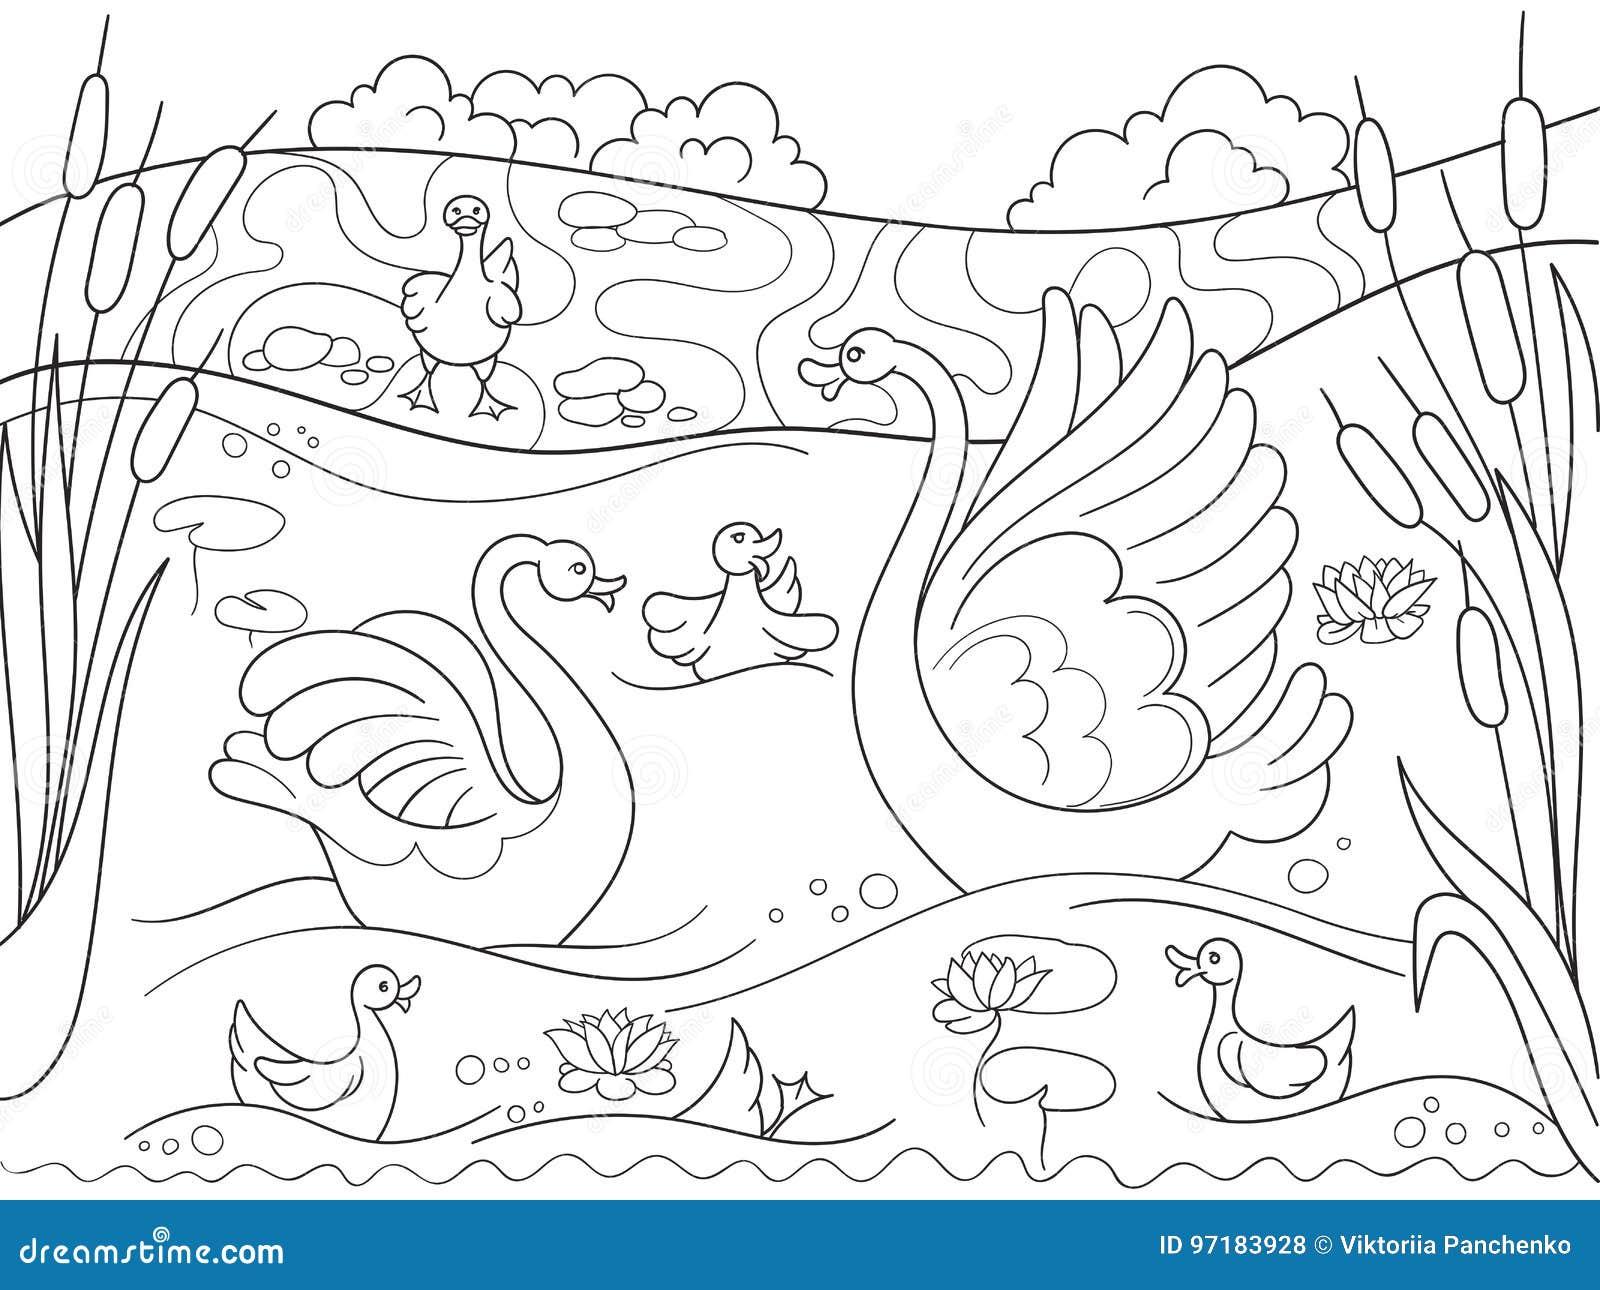 Famille De Bande Dessinée De Livre De Coloriage Des Enfants De Cygne Sur La Nature Illustration